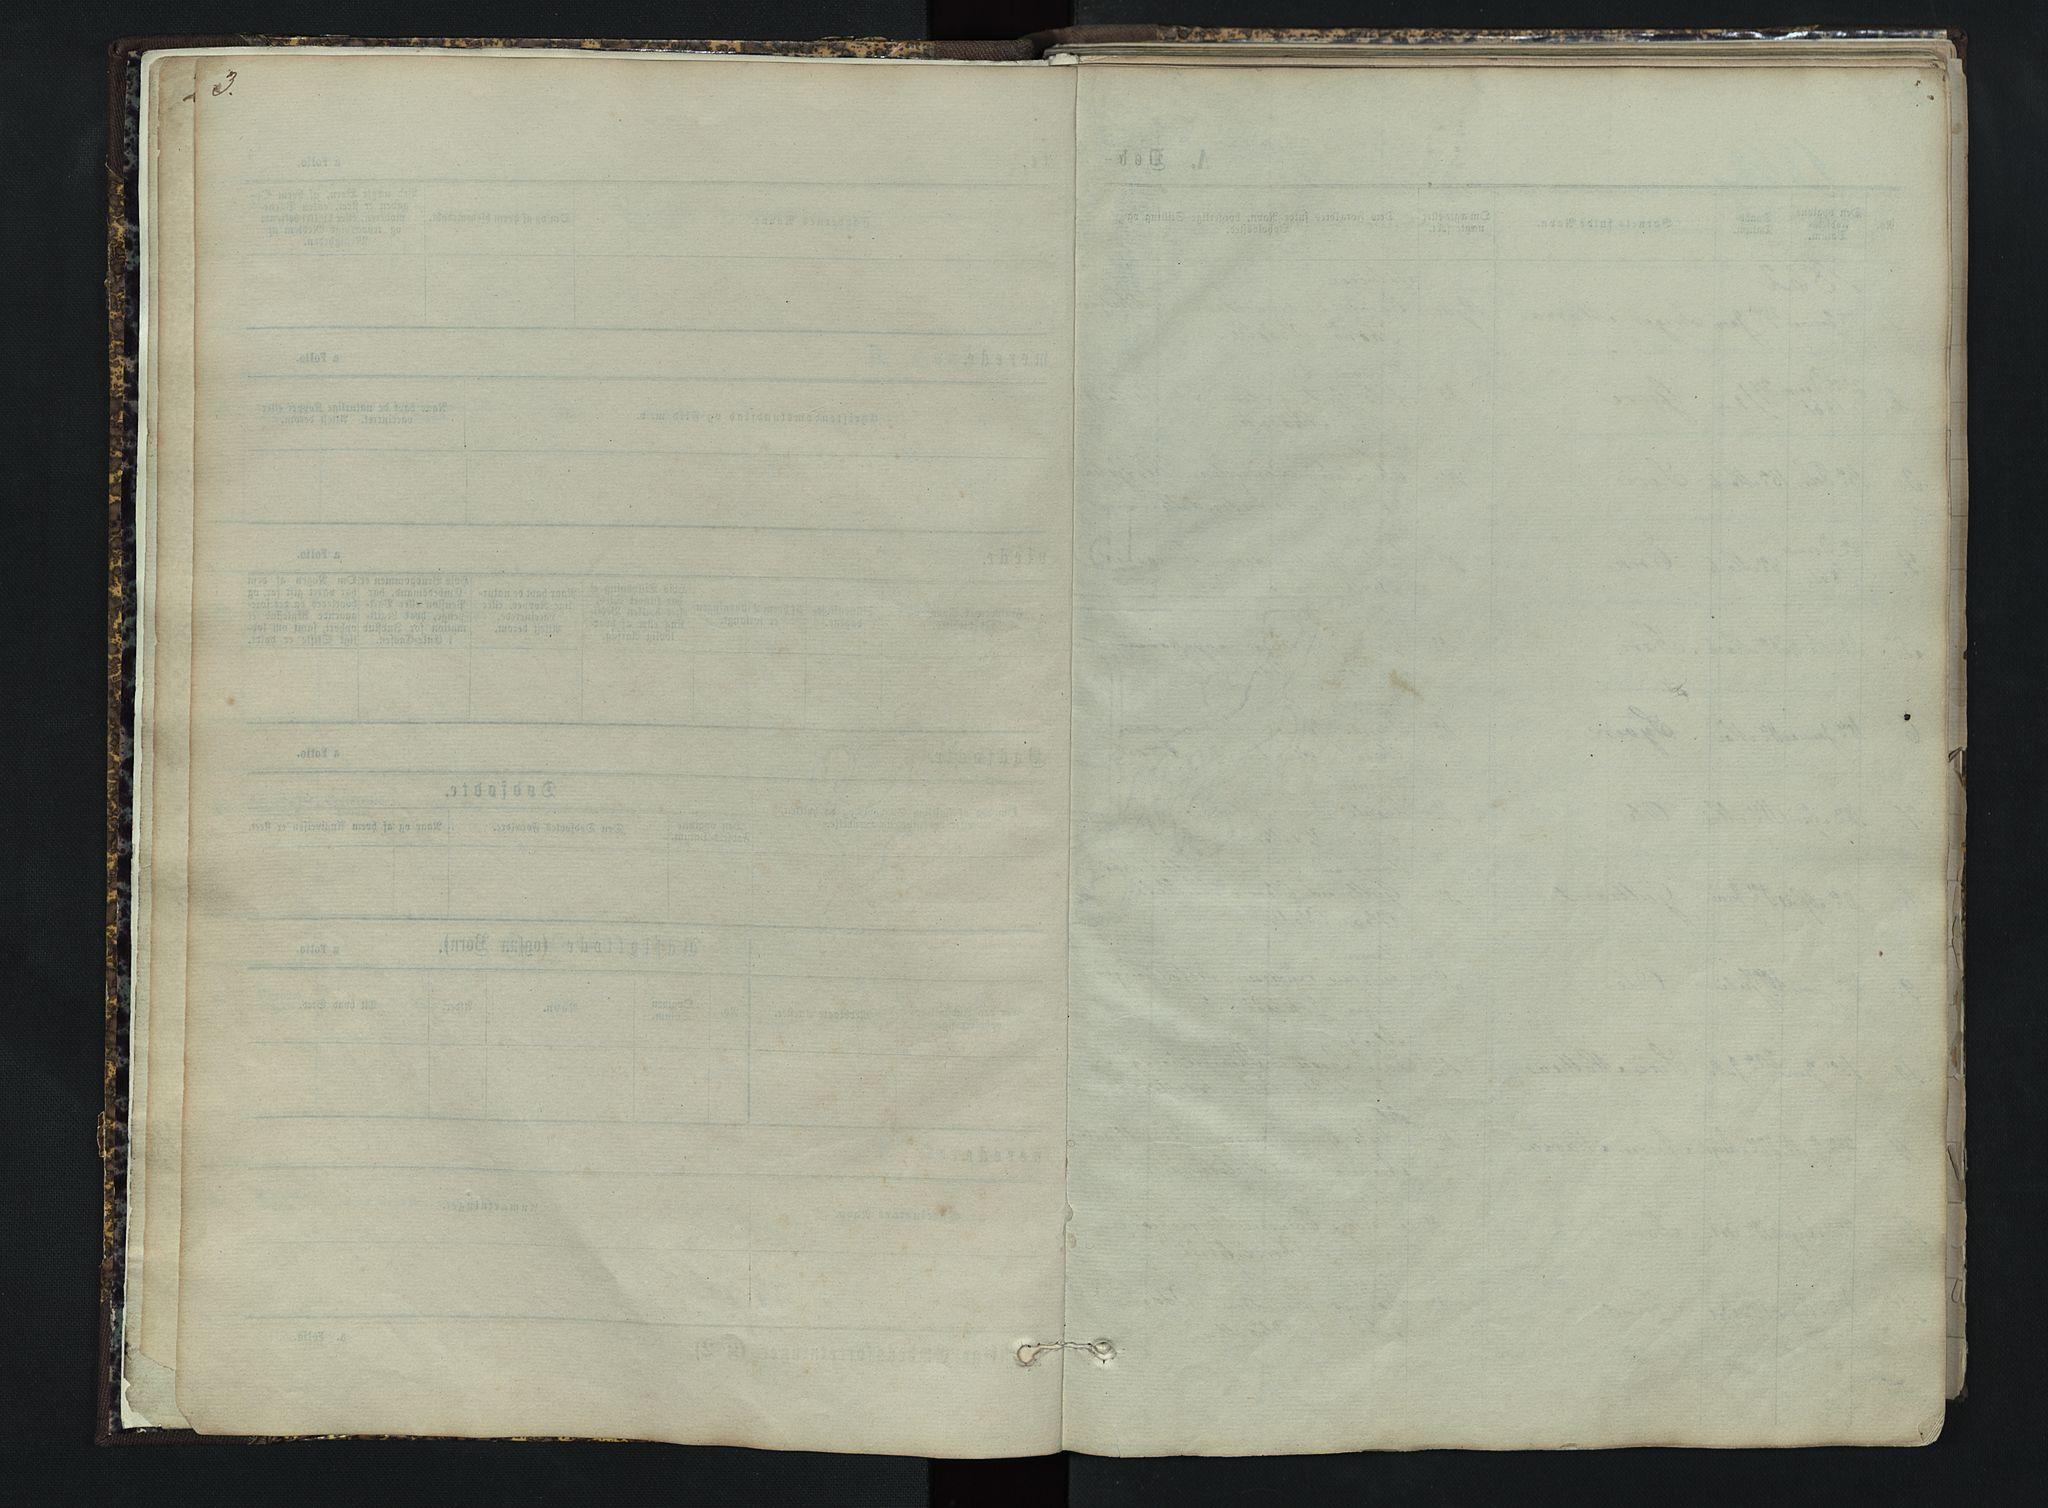 SAH, Sør-Aurdal prestekontor, Klokkerbok nr. 3, 1862-1893, s. 3